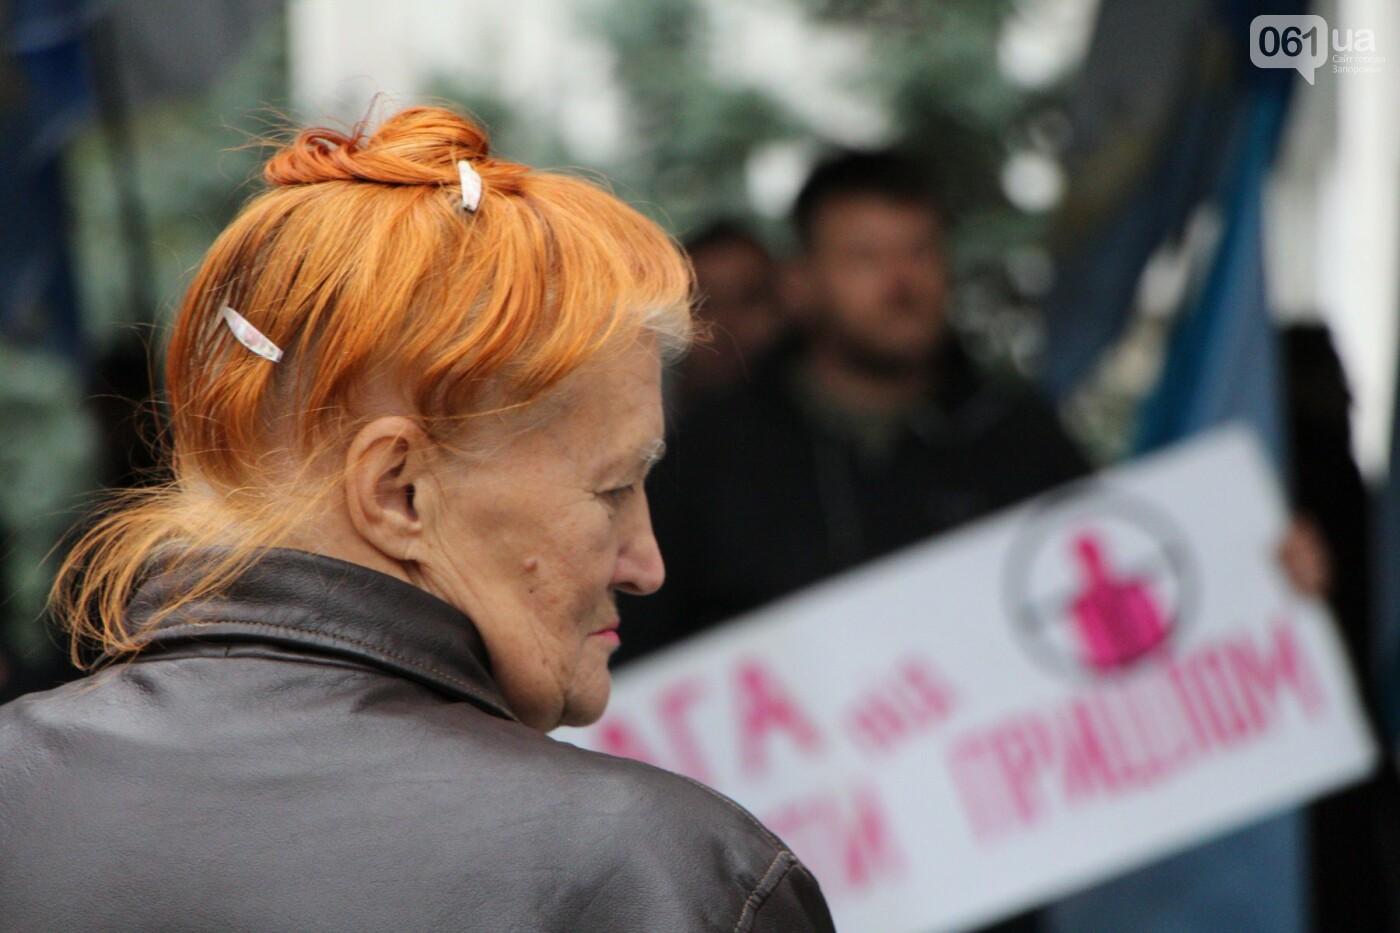 Активисты под прицелом: в Запорожье под зданием Нацполиции митинговали за расследование преступлений, - ФОТОРЕПОРТАЖ, фото-19